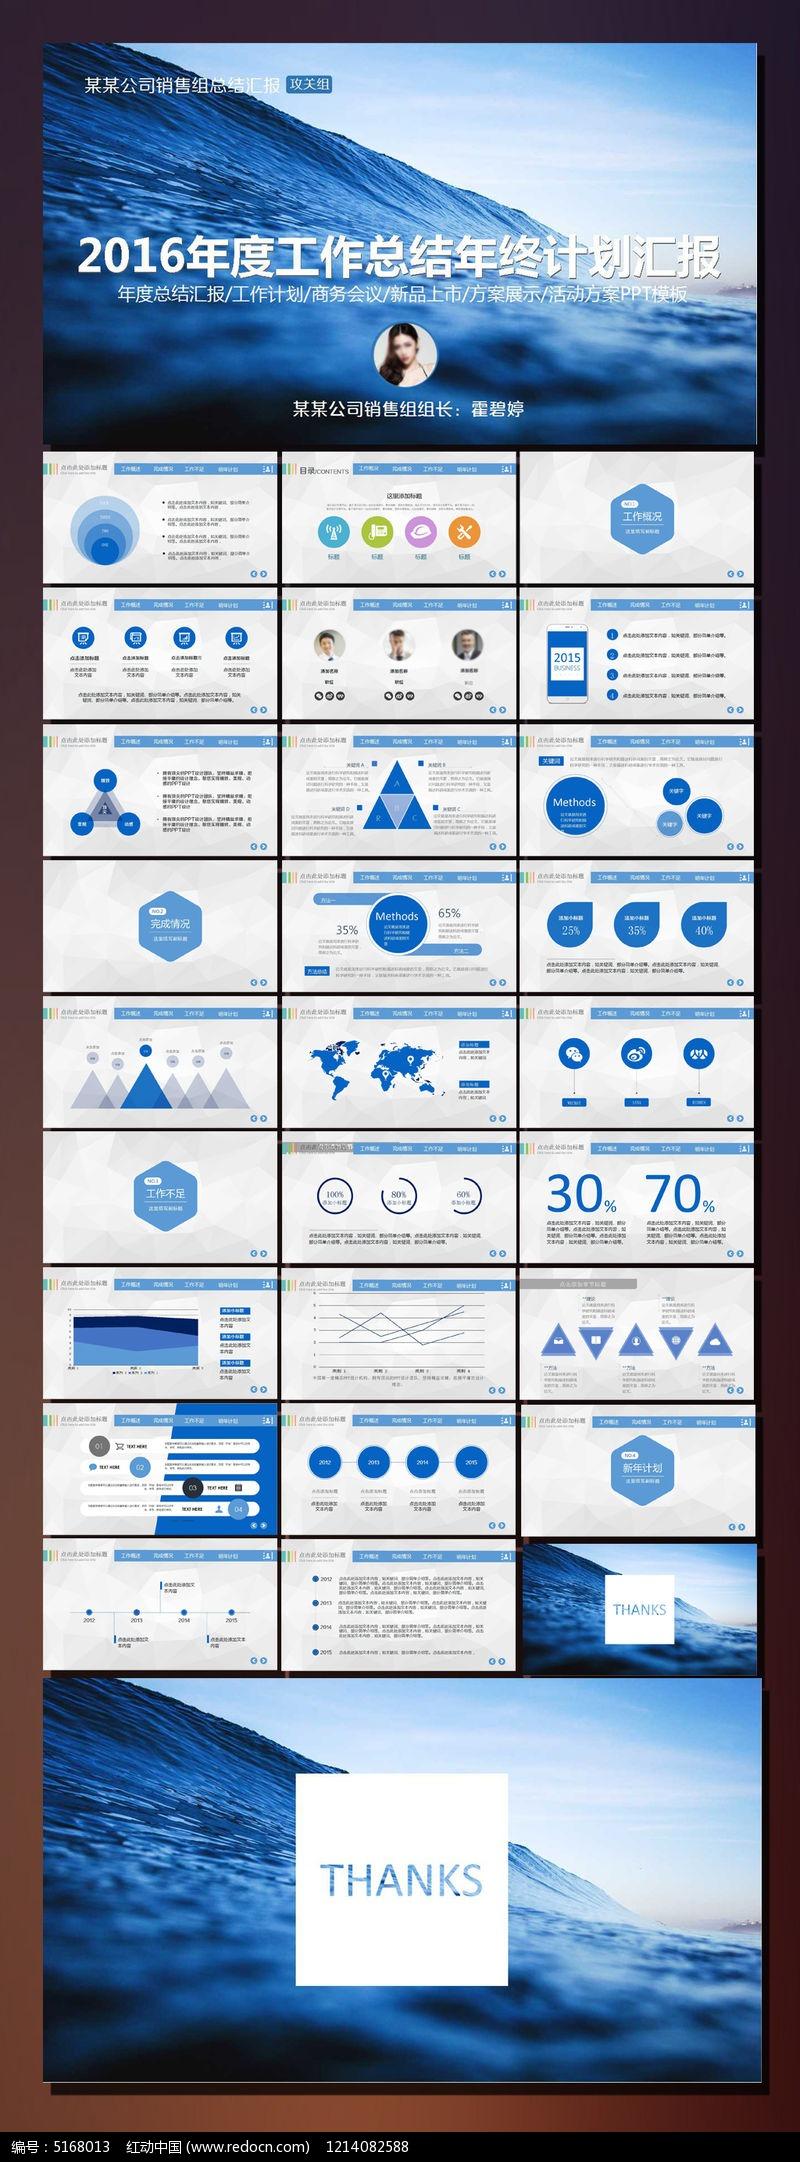 2016年度工作计划总结ppt模板